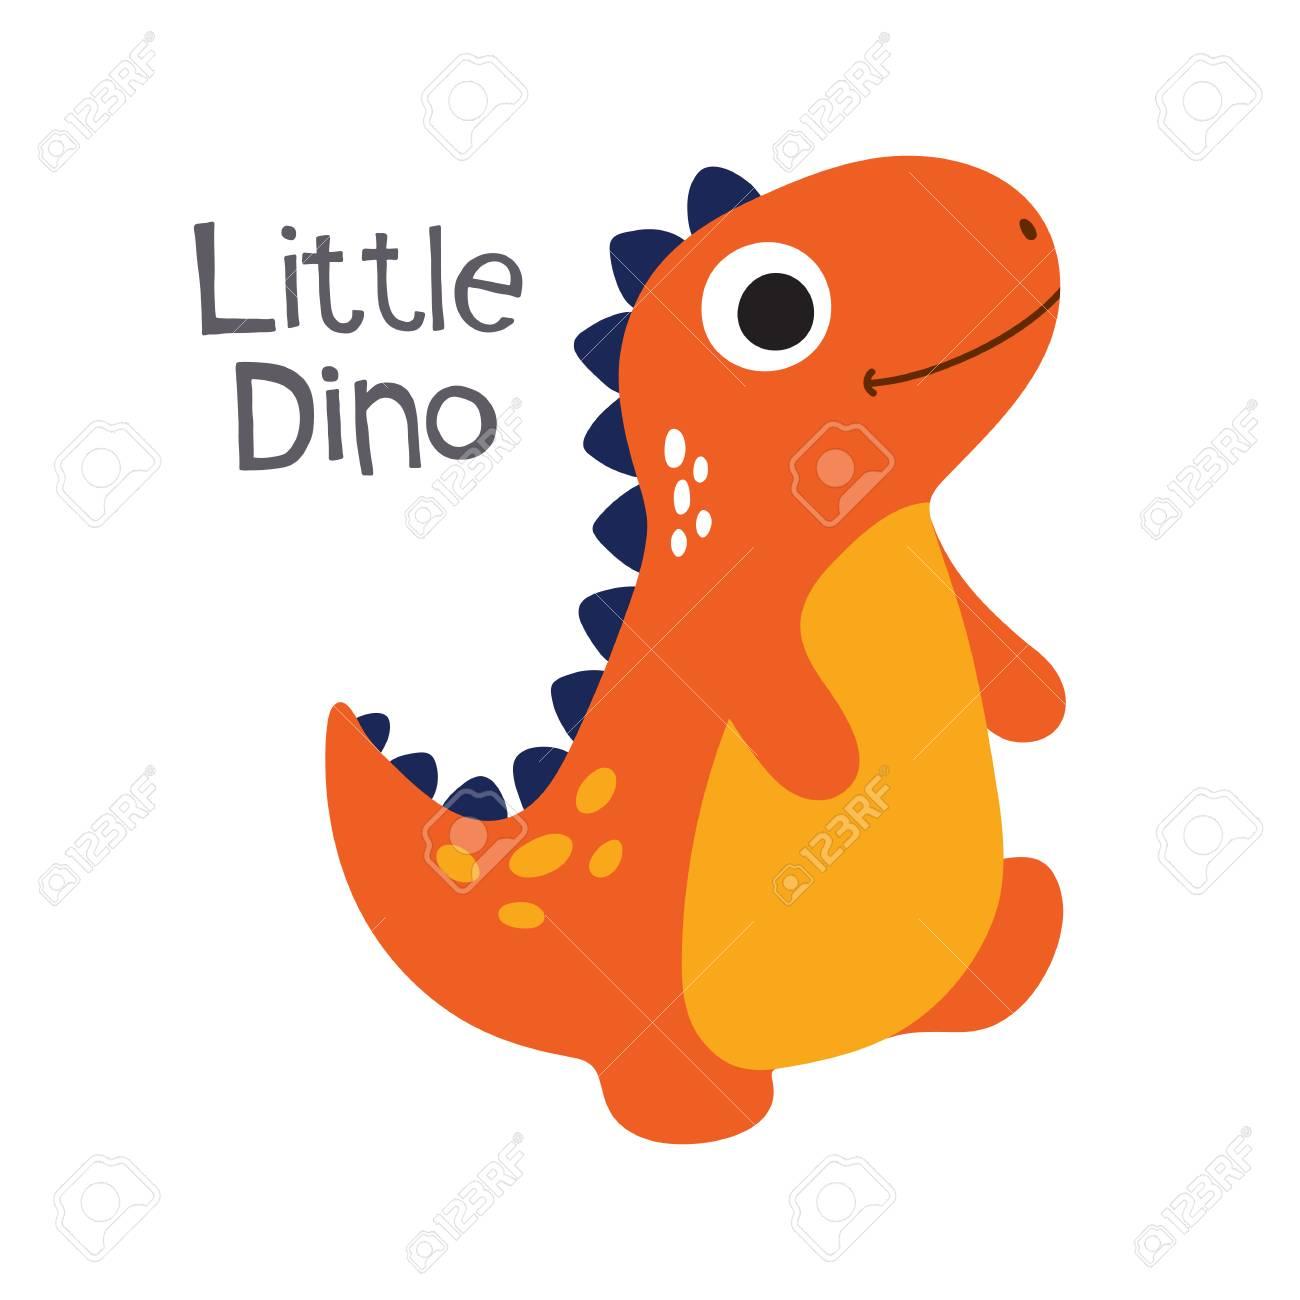 かわいい漫画恐竜のベクター イラストです小さな恐竜のイラスト素材